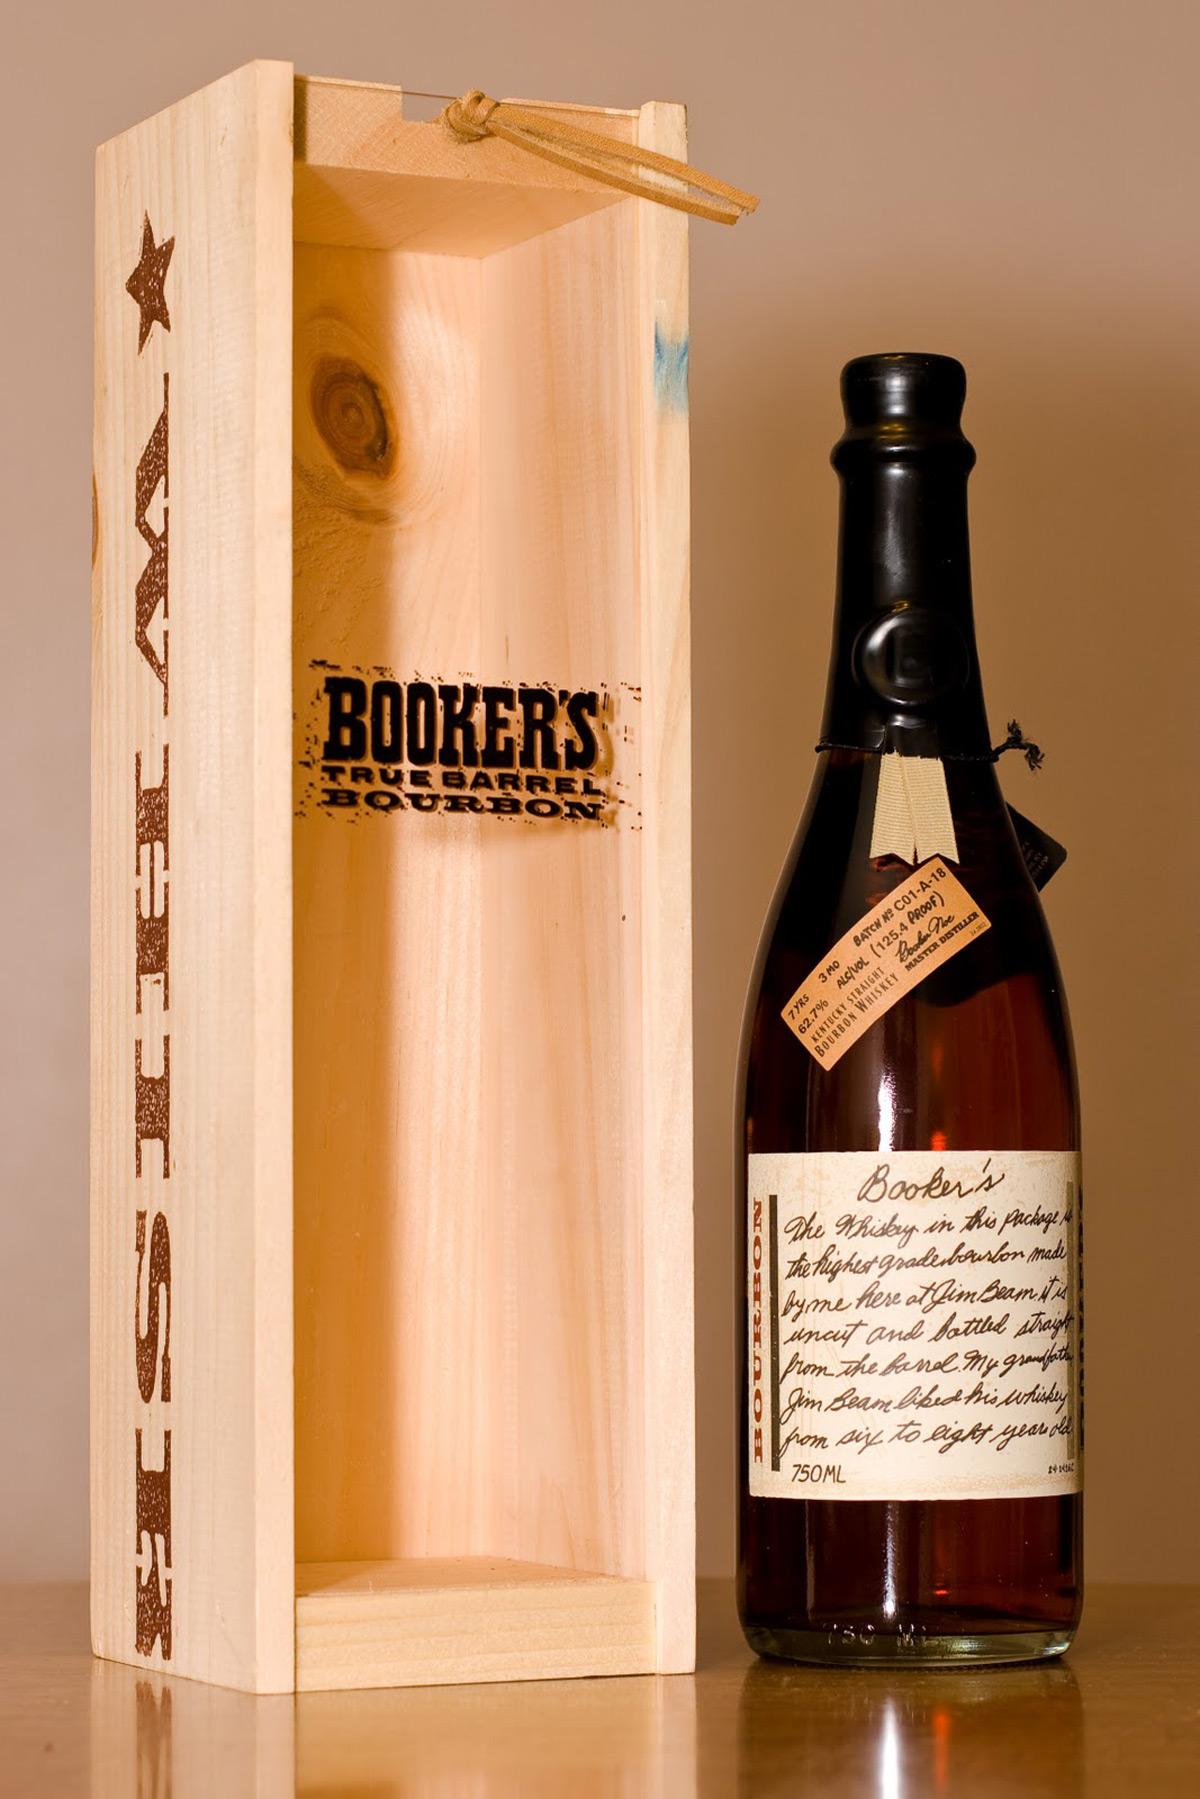 http://www.extravaganzi.com/wp-content/uploads/2013/09/Booker%E2%80%99s-Bourbon1.jpg